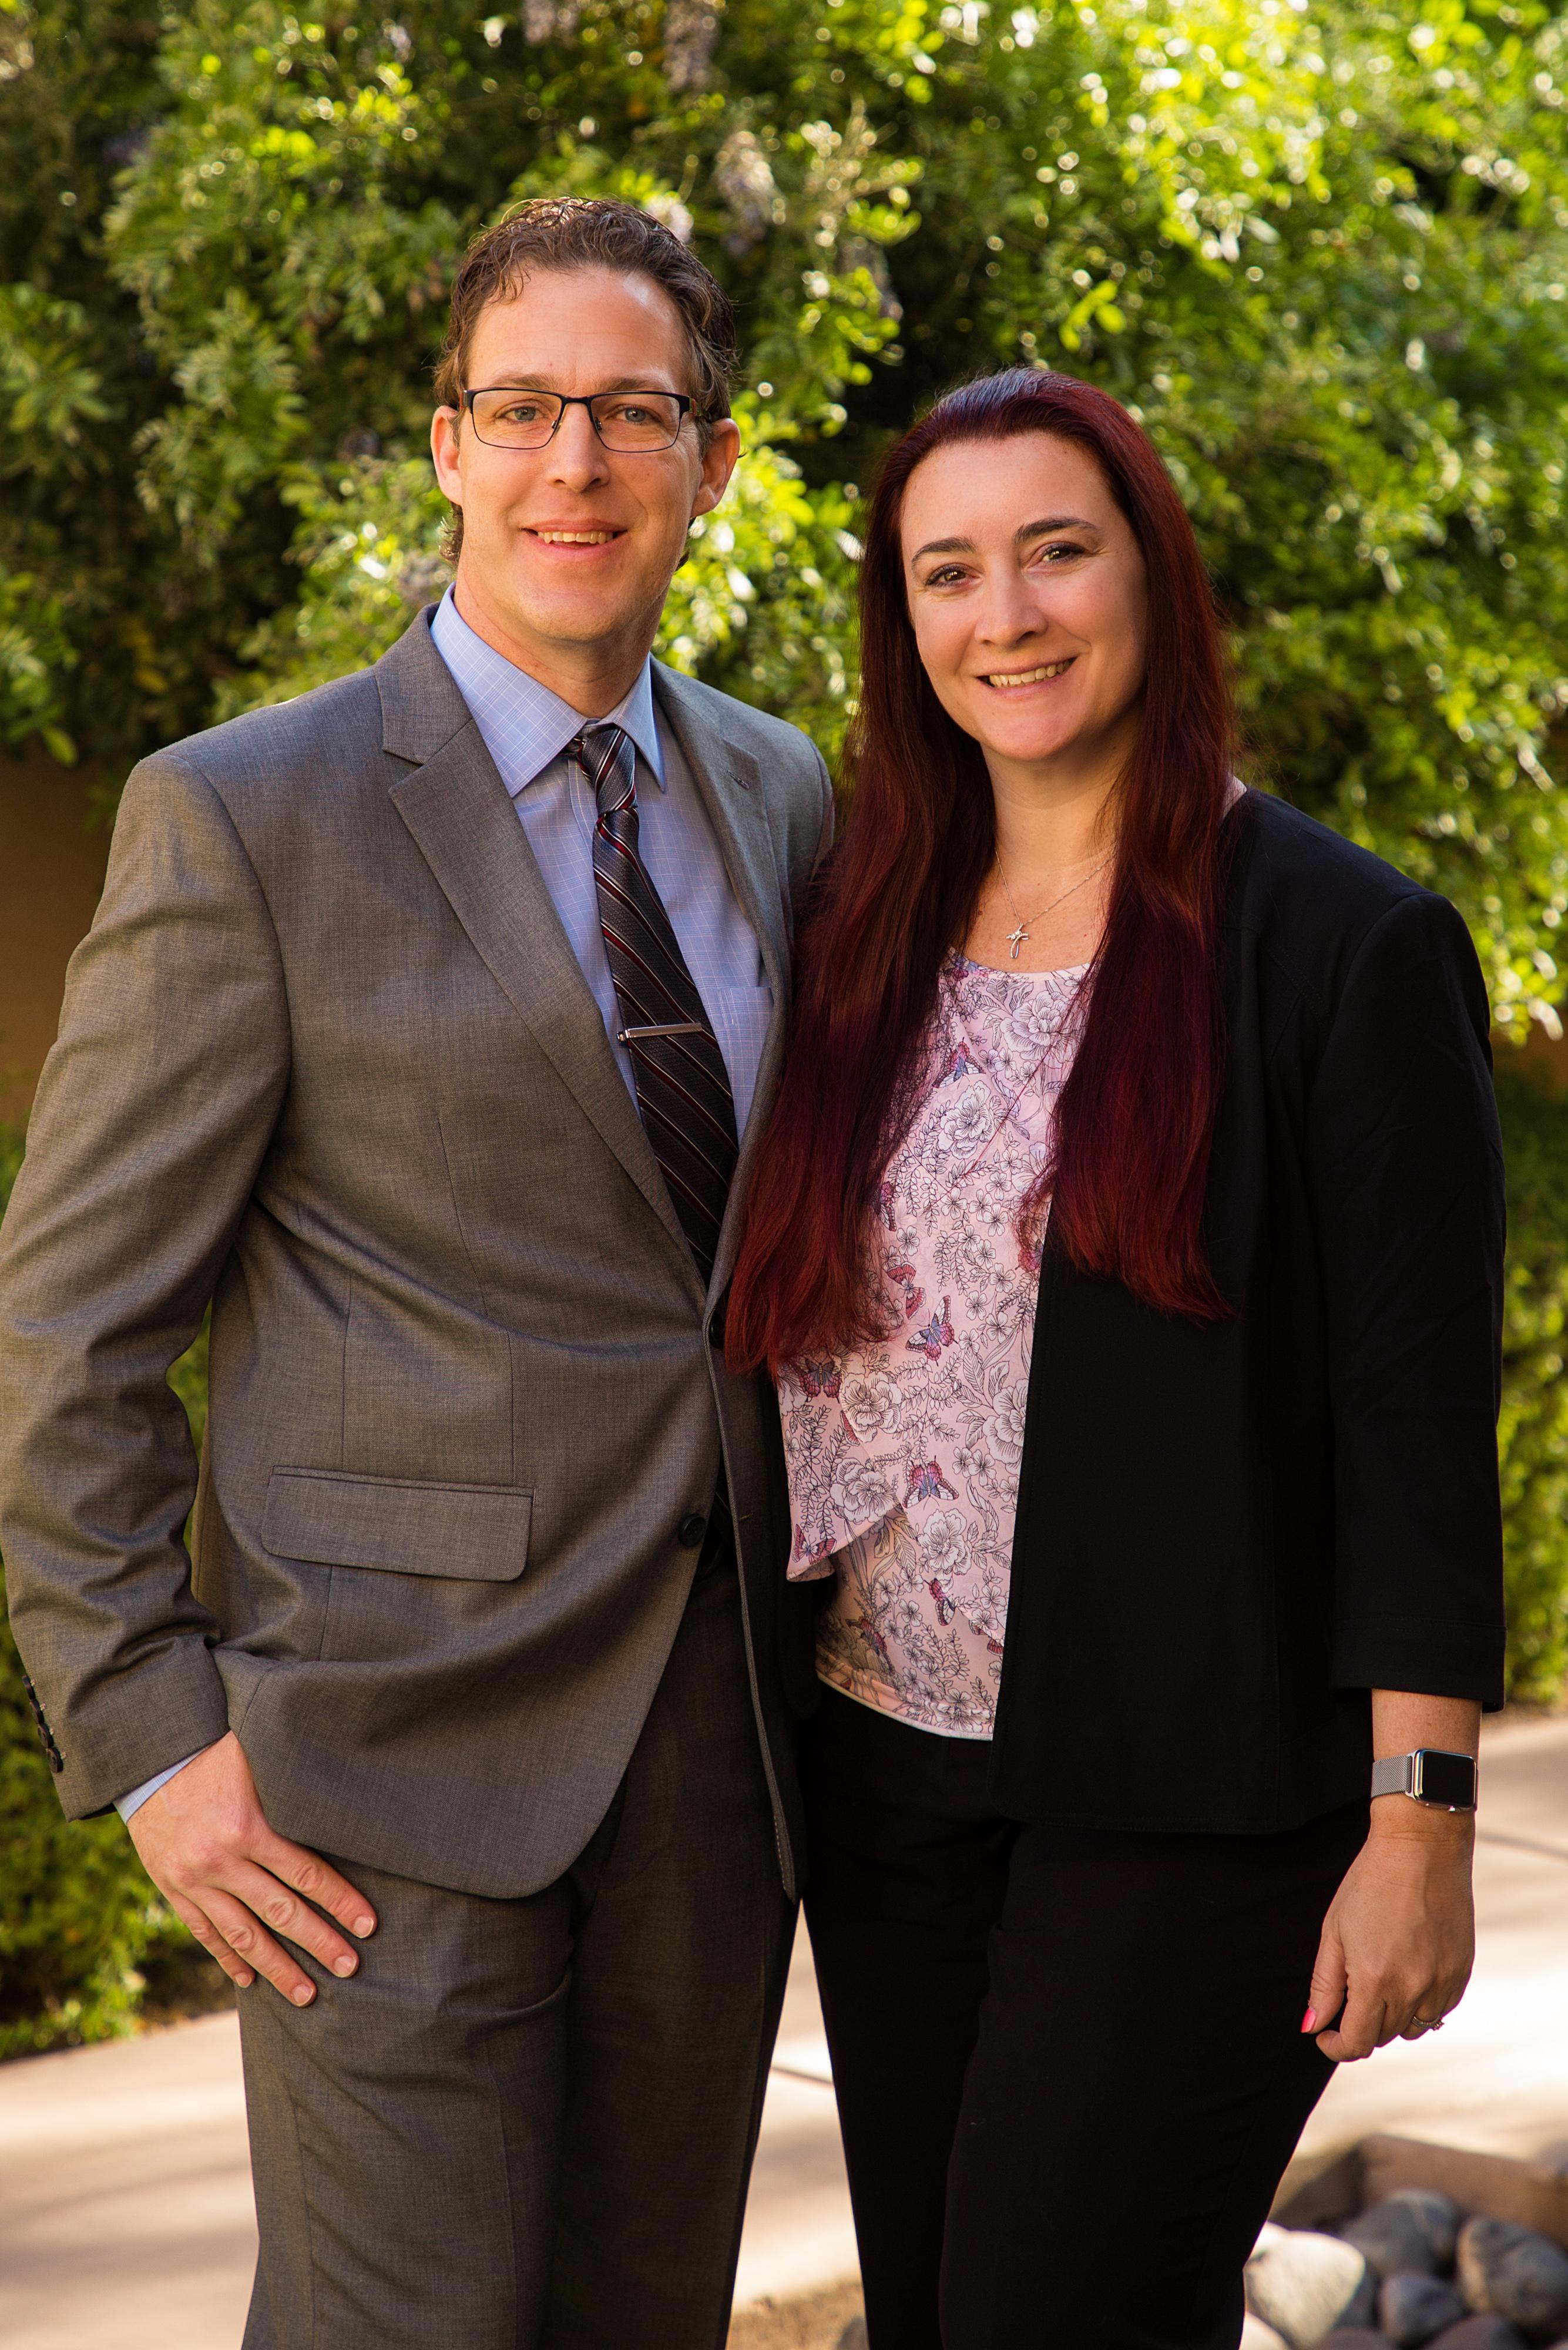 Jeff & Brandi Hybiak